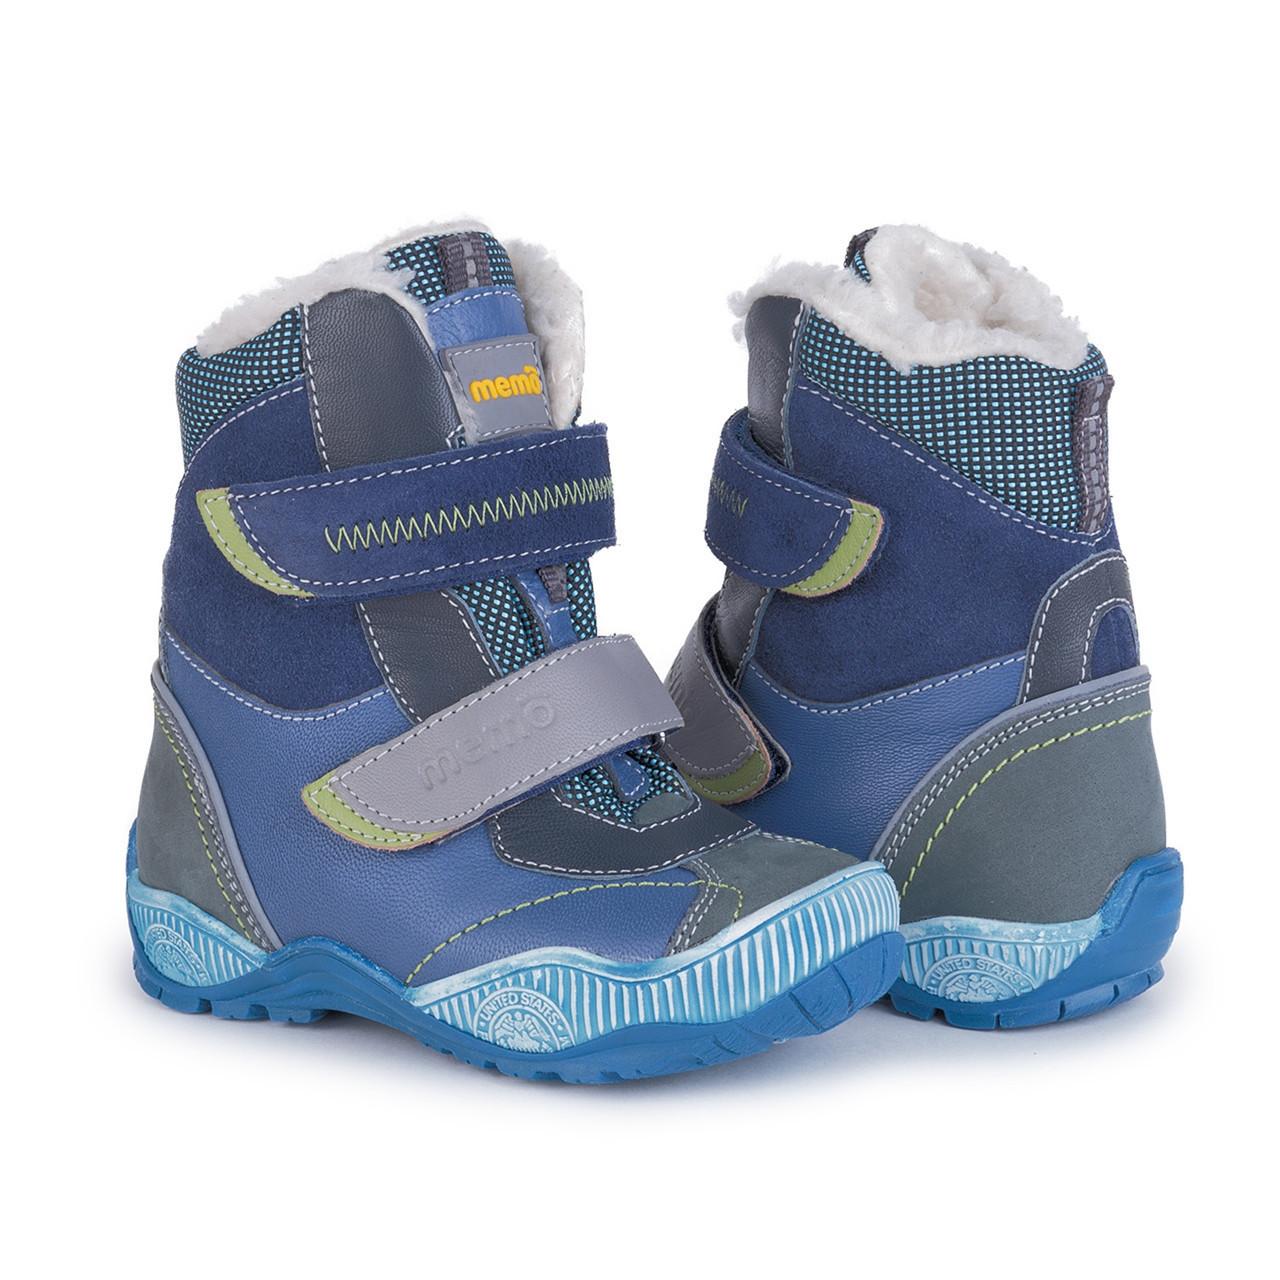 52554e07e Зимние ортопедические ботинки для детей Memo Aspen 1DA синие - Medort -  Ортопедическая продукция, товары